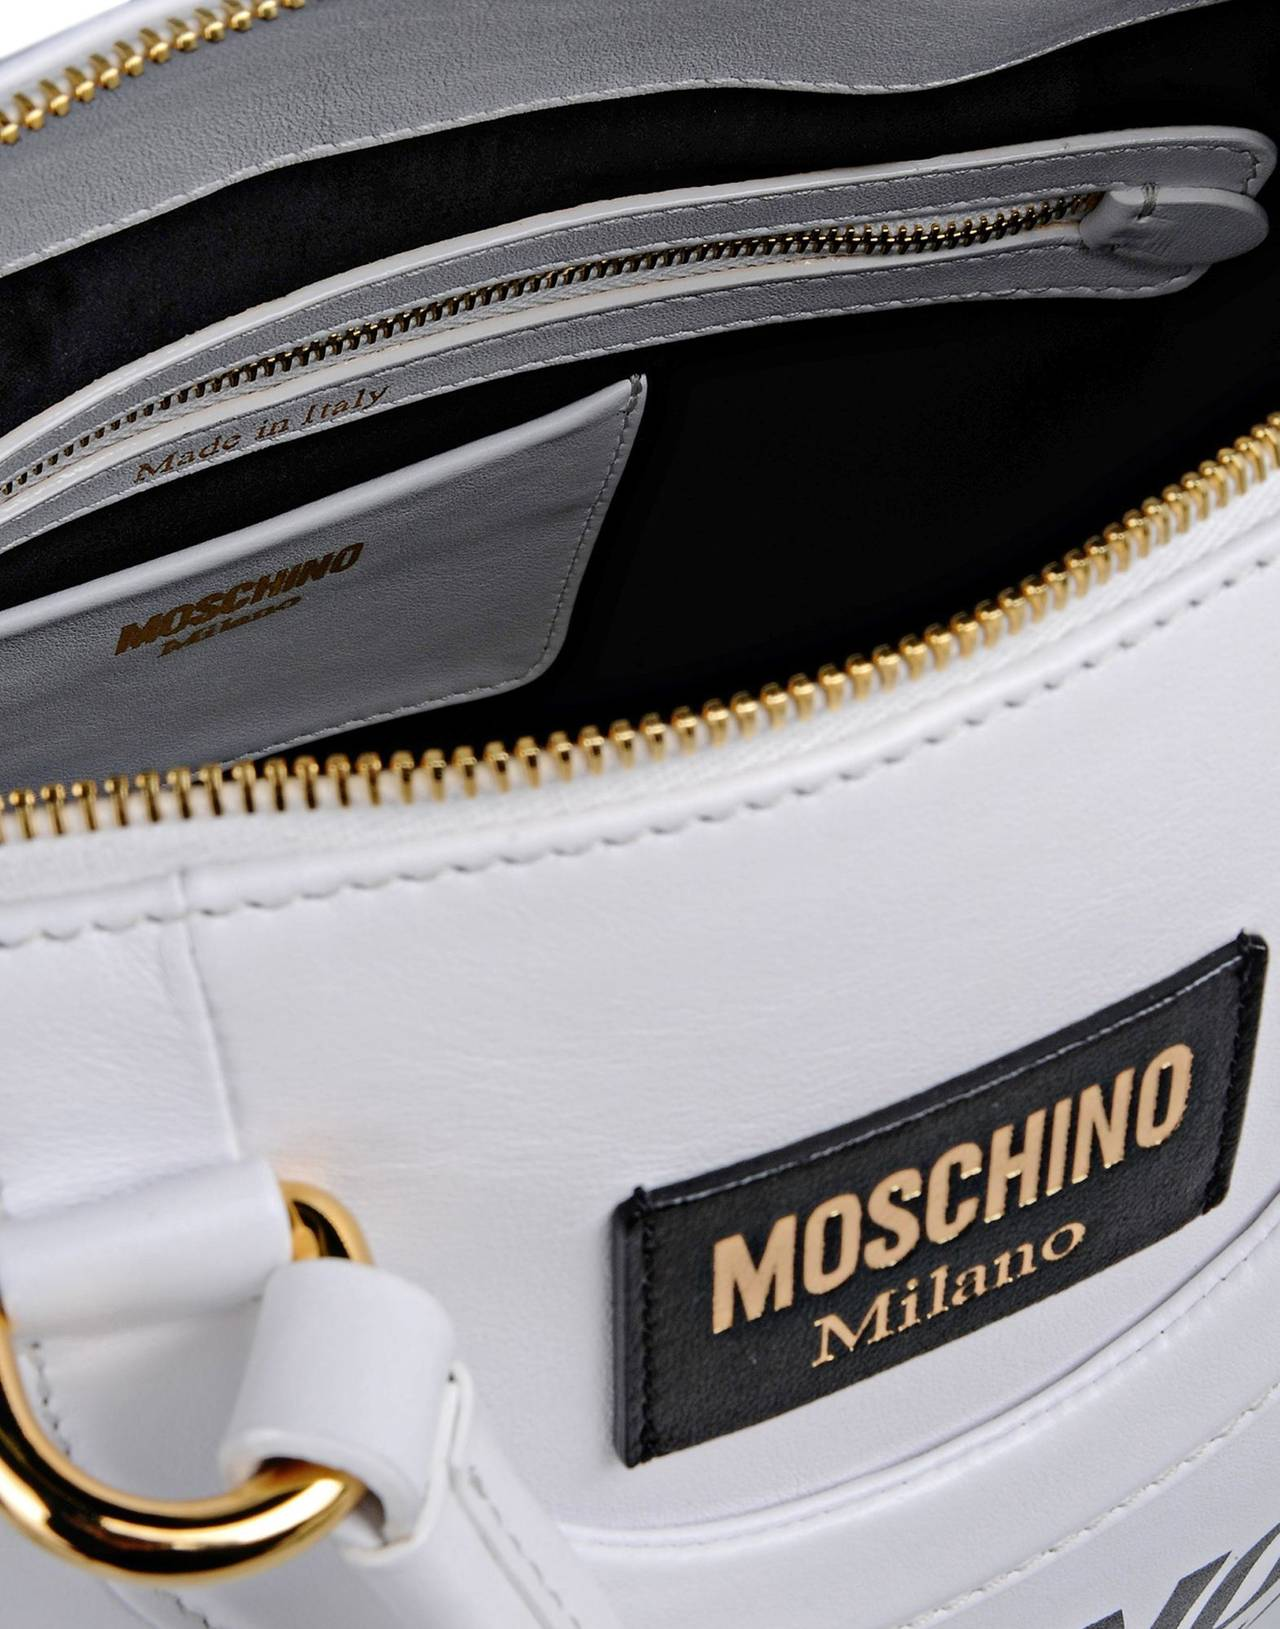 Moschino Milano t Shirt Not a Moschino T-shirt